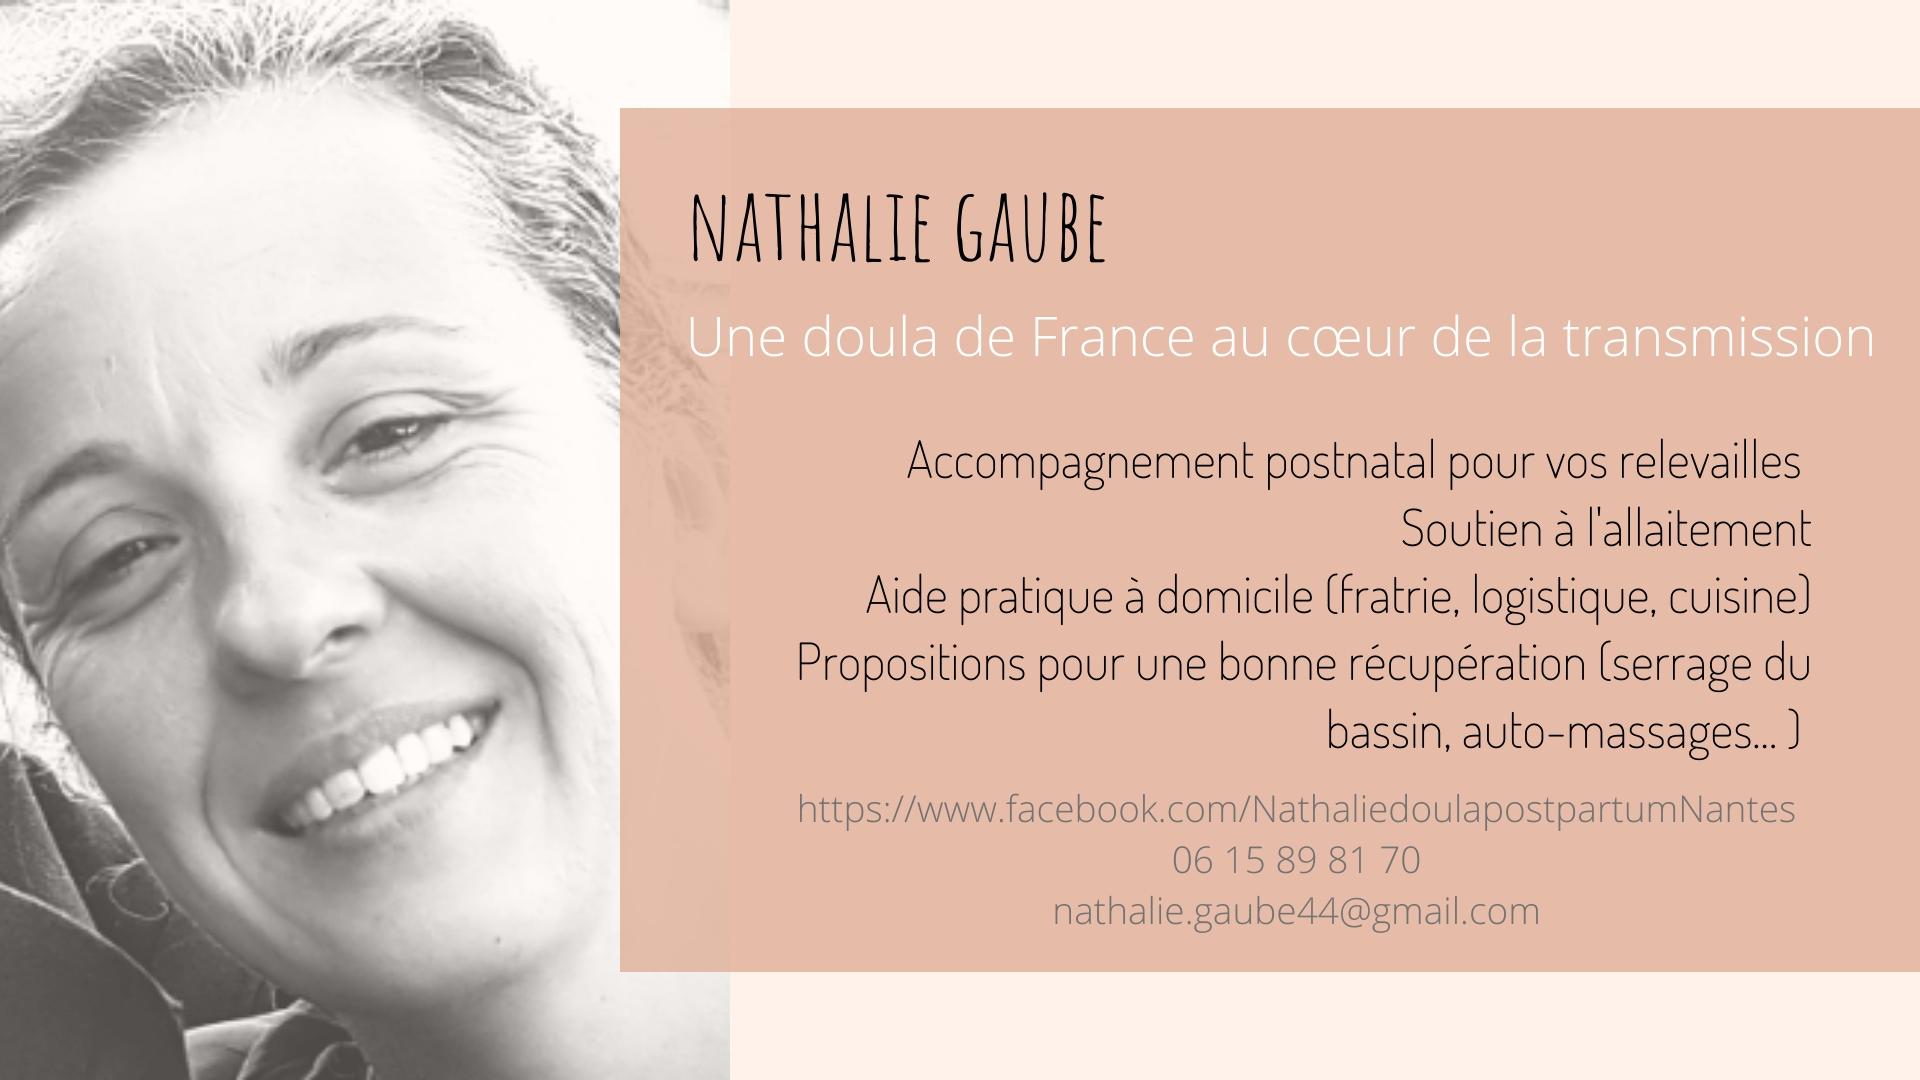 Nathalie Gaube